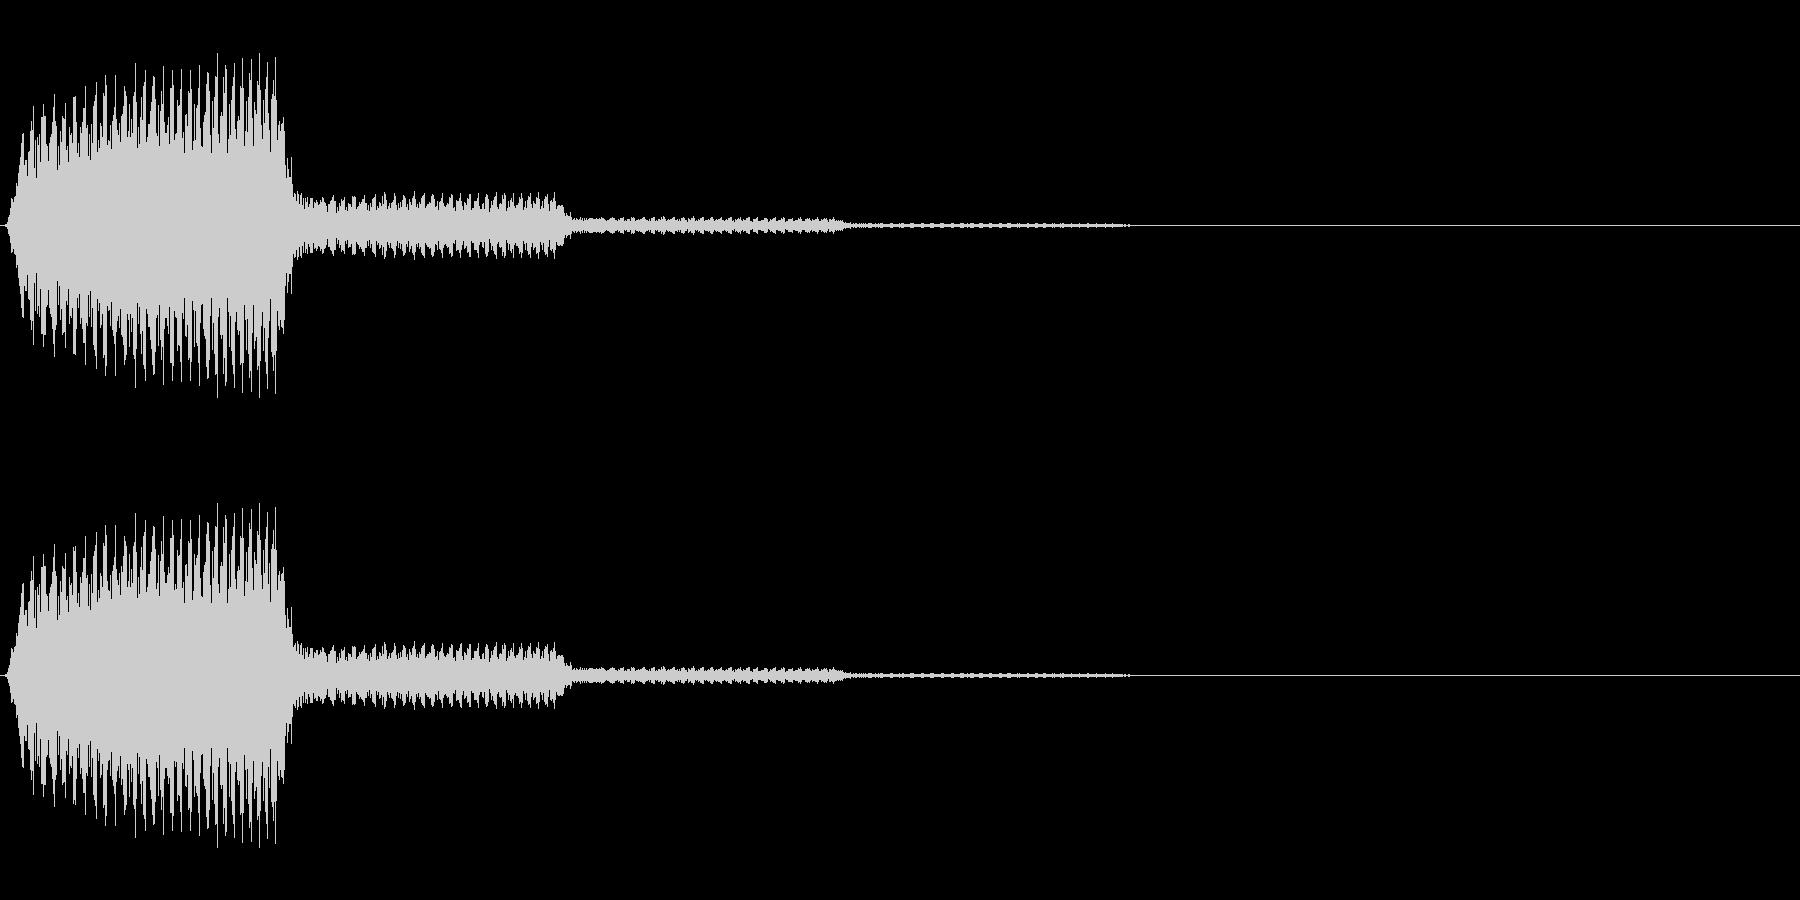 アラームのようなシステム効果音の未再生の波形